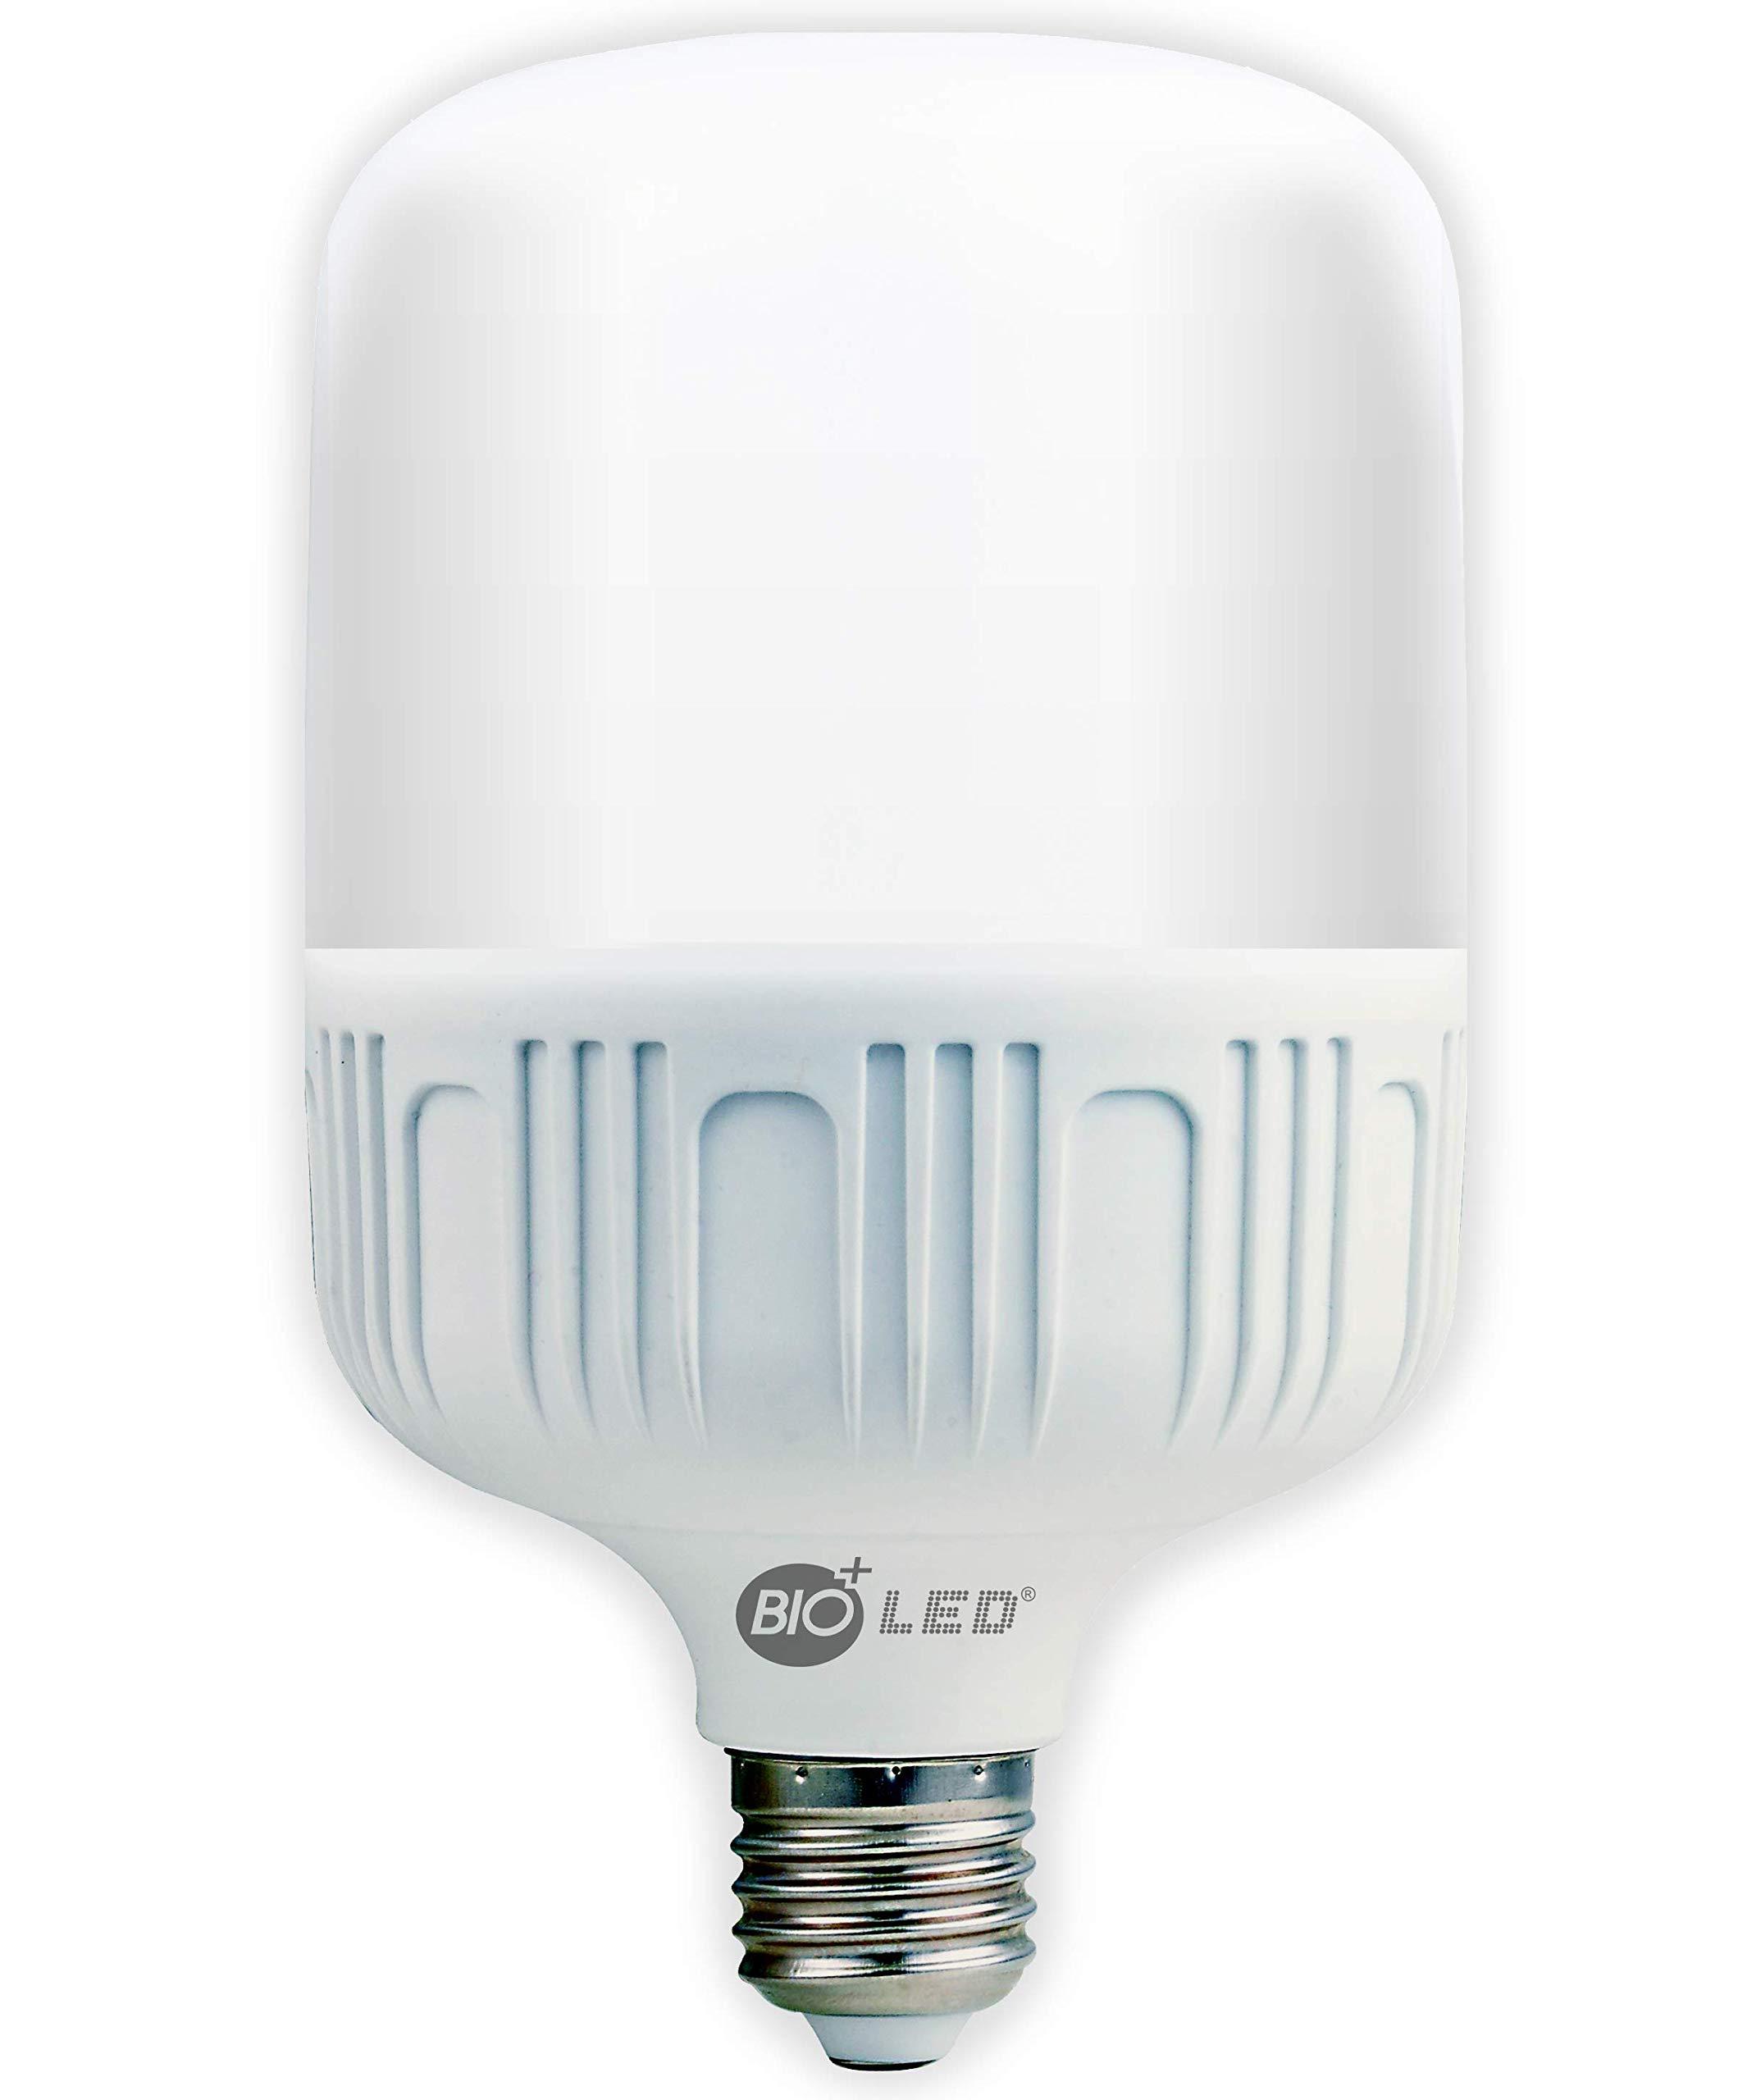 Bioled 20W, E26, Warm White(3000K), 200 Watt Equivalent, LED Light Bulbs, IP40 Dustproof& Humudity Proof Light Bulbs, Commercial& Residental Bright LED Bulb, Shop, Work Light, Garage Light, Home Light